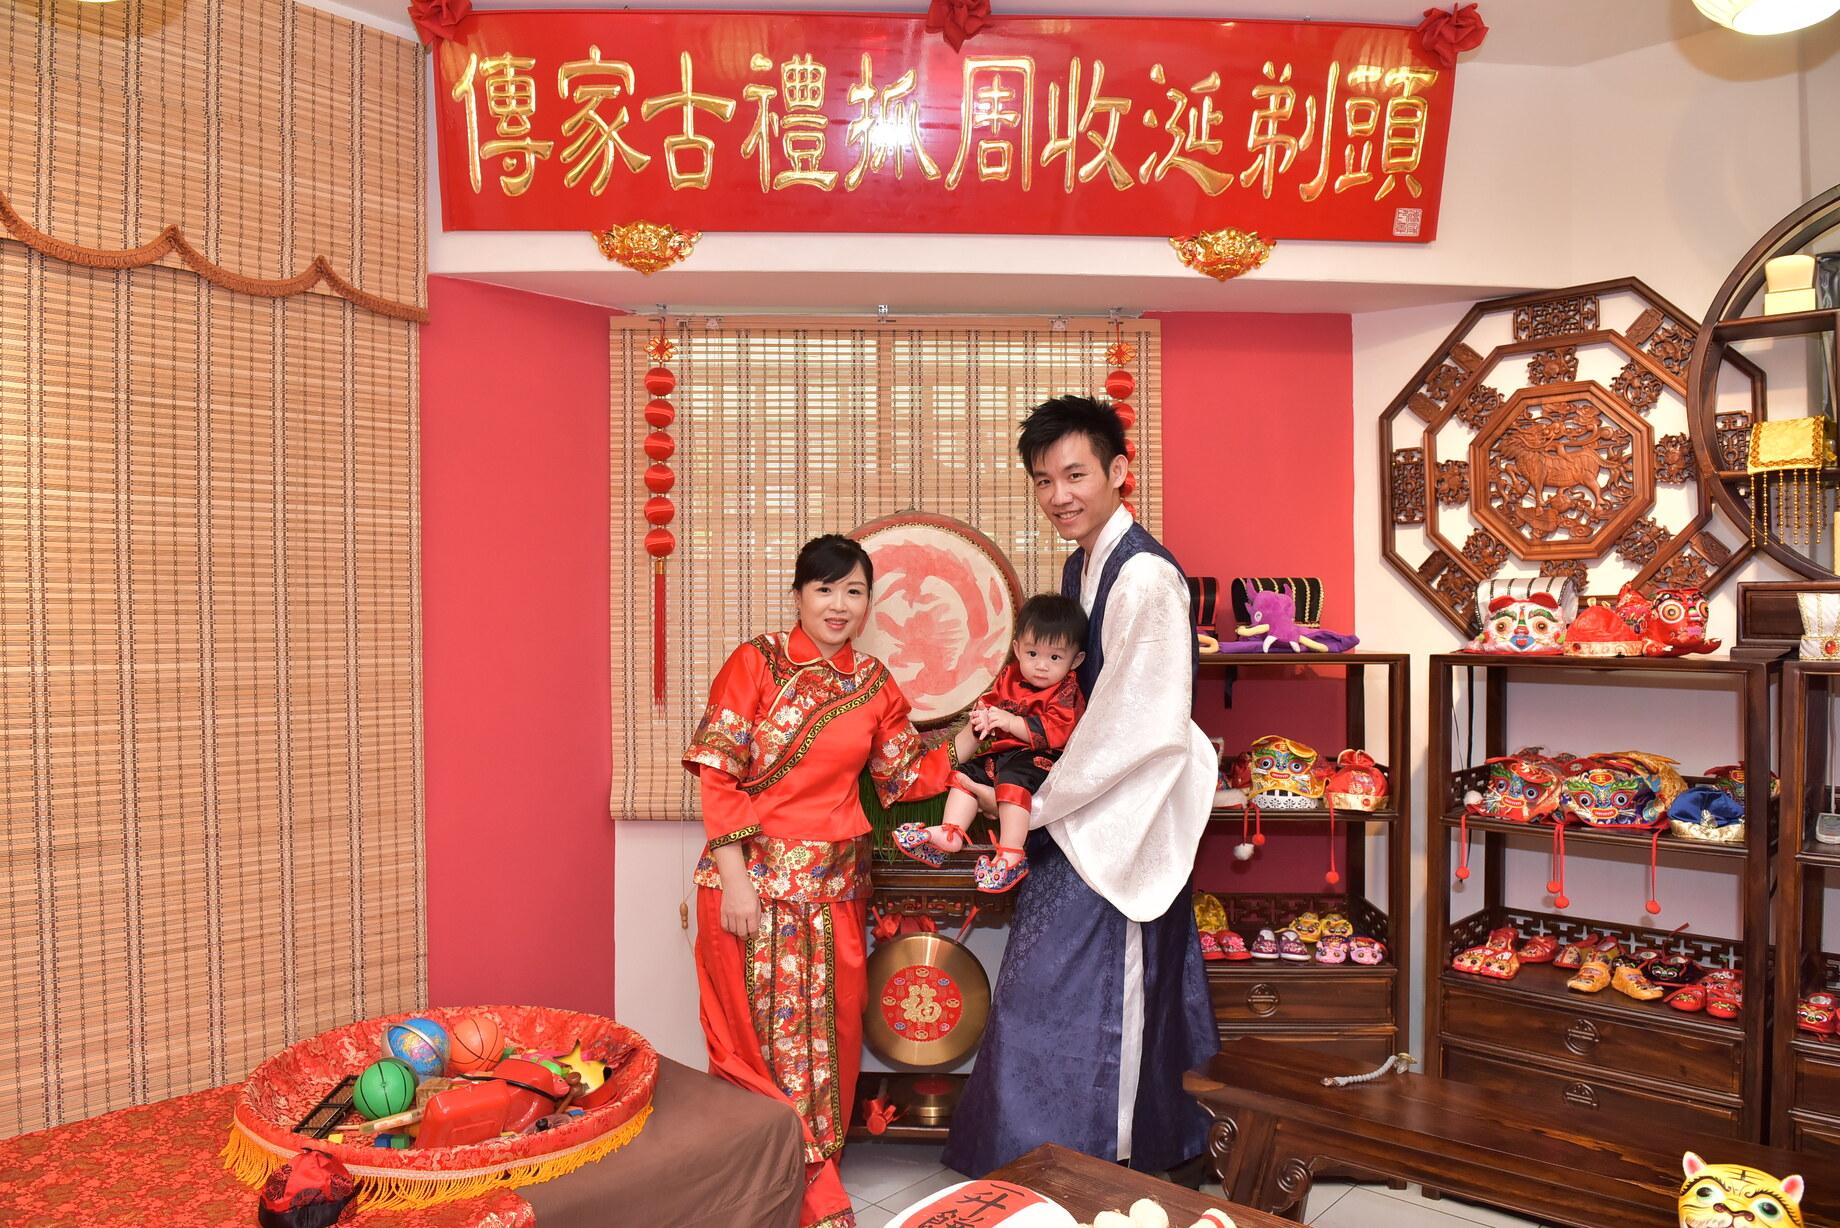 2021-09-18古裝禮服(中國風與韓服風格)合照照片集